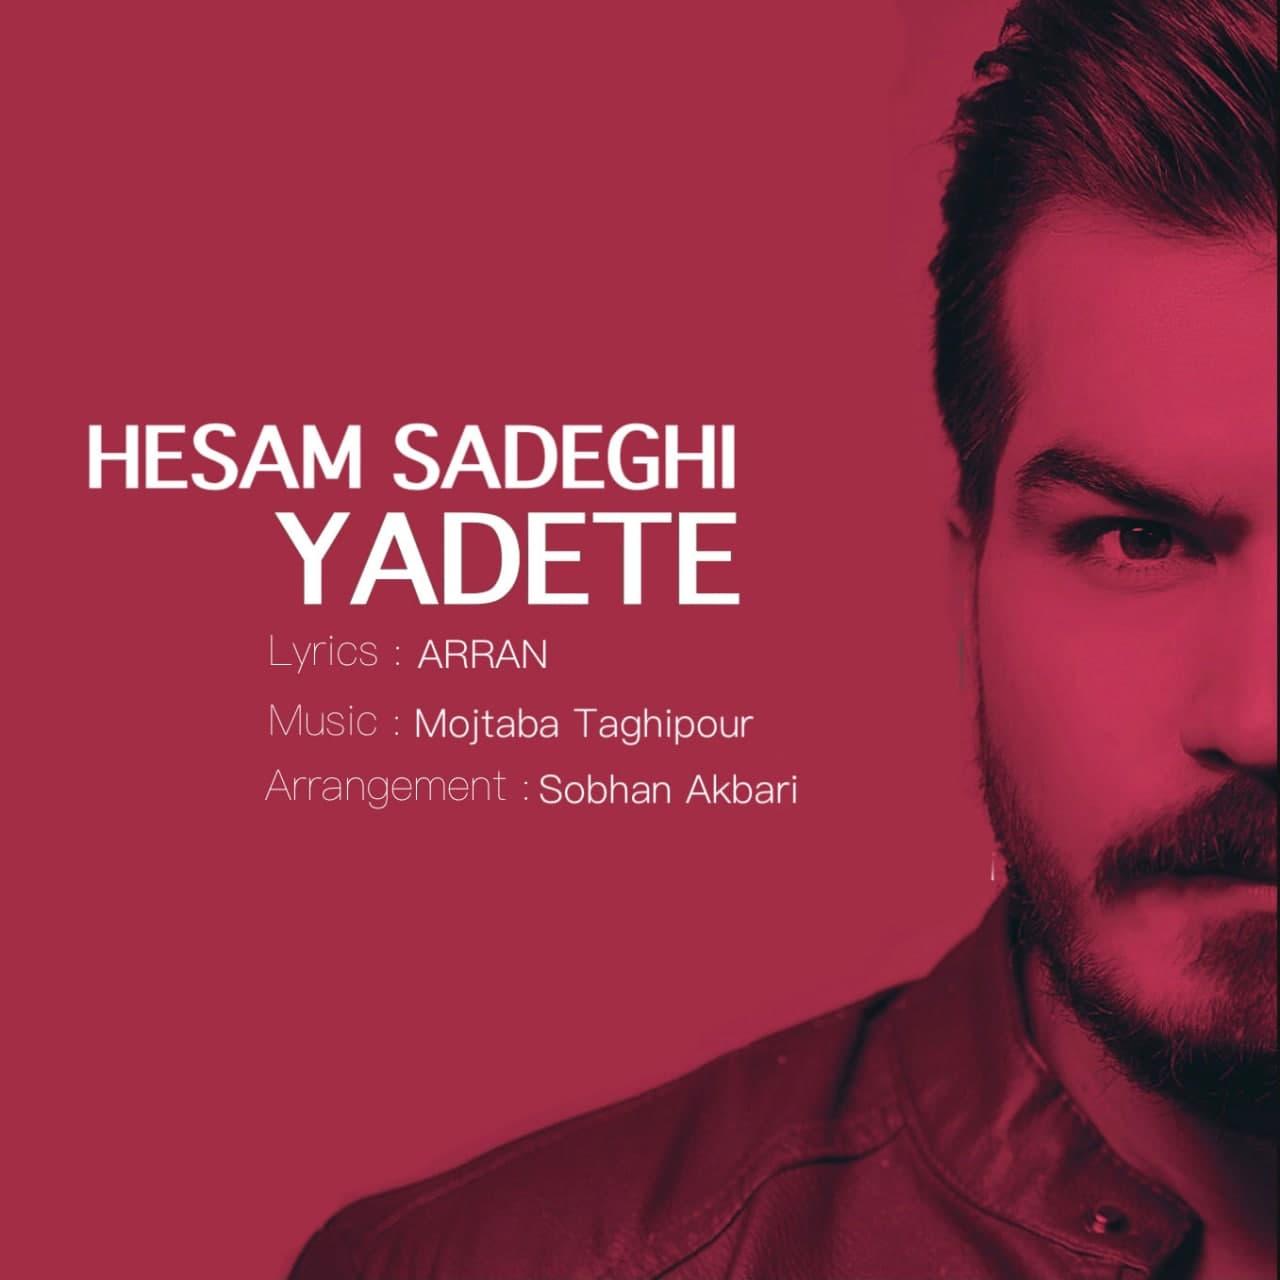 دانلود موزیک جدید حسام صادقی یادته